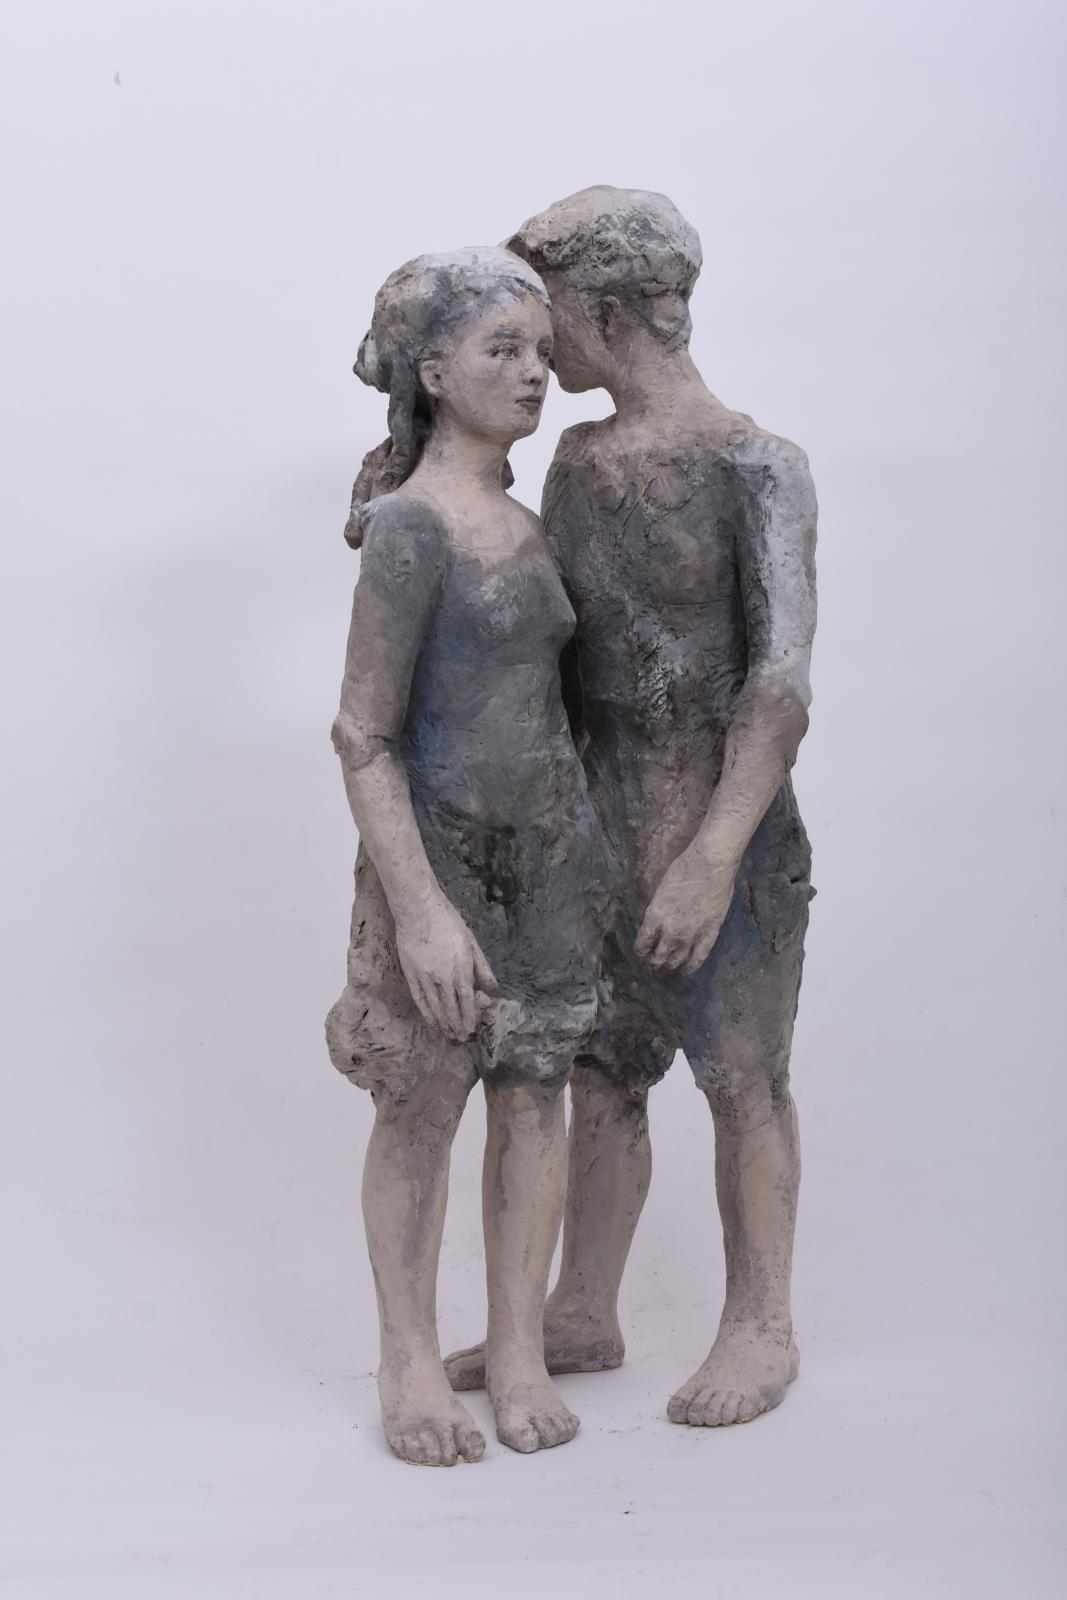 Silvia Siemes, Wohin wir gehen, 2019, Terrakotta, gebrannt, Höhe: 87 cm, sis001de